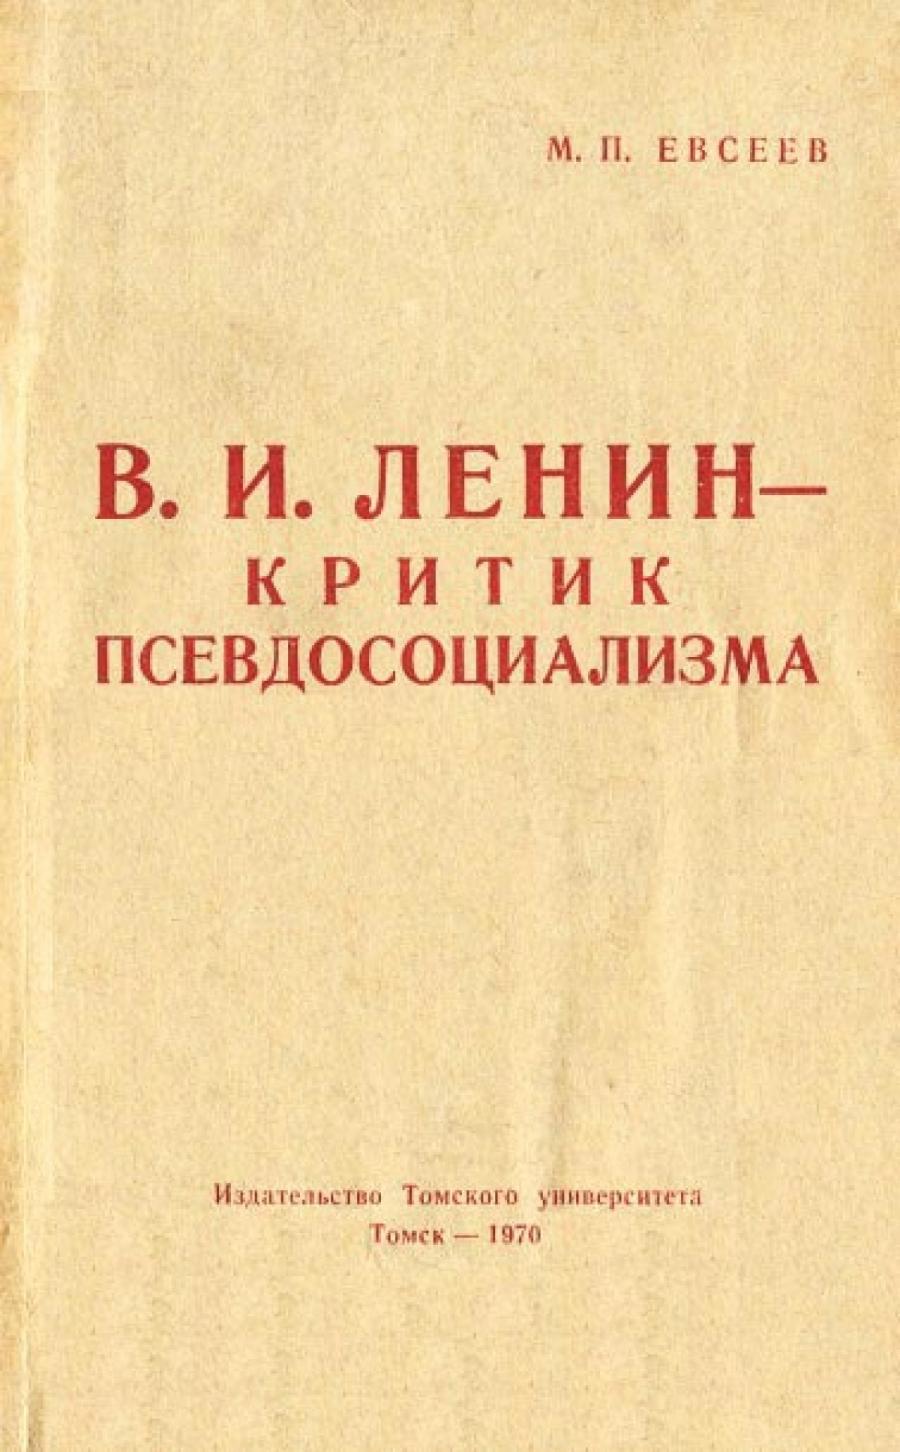 Обложка книги:  евсеев м. п. - в. и. ленин - критик псевдосоциализма